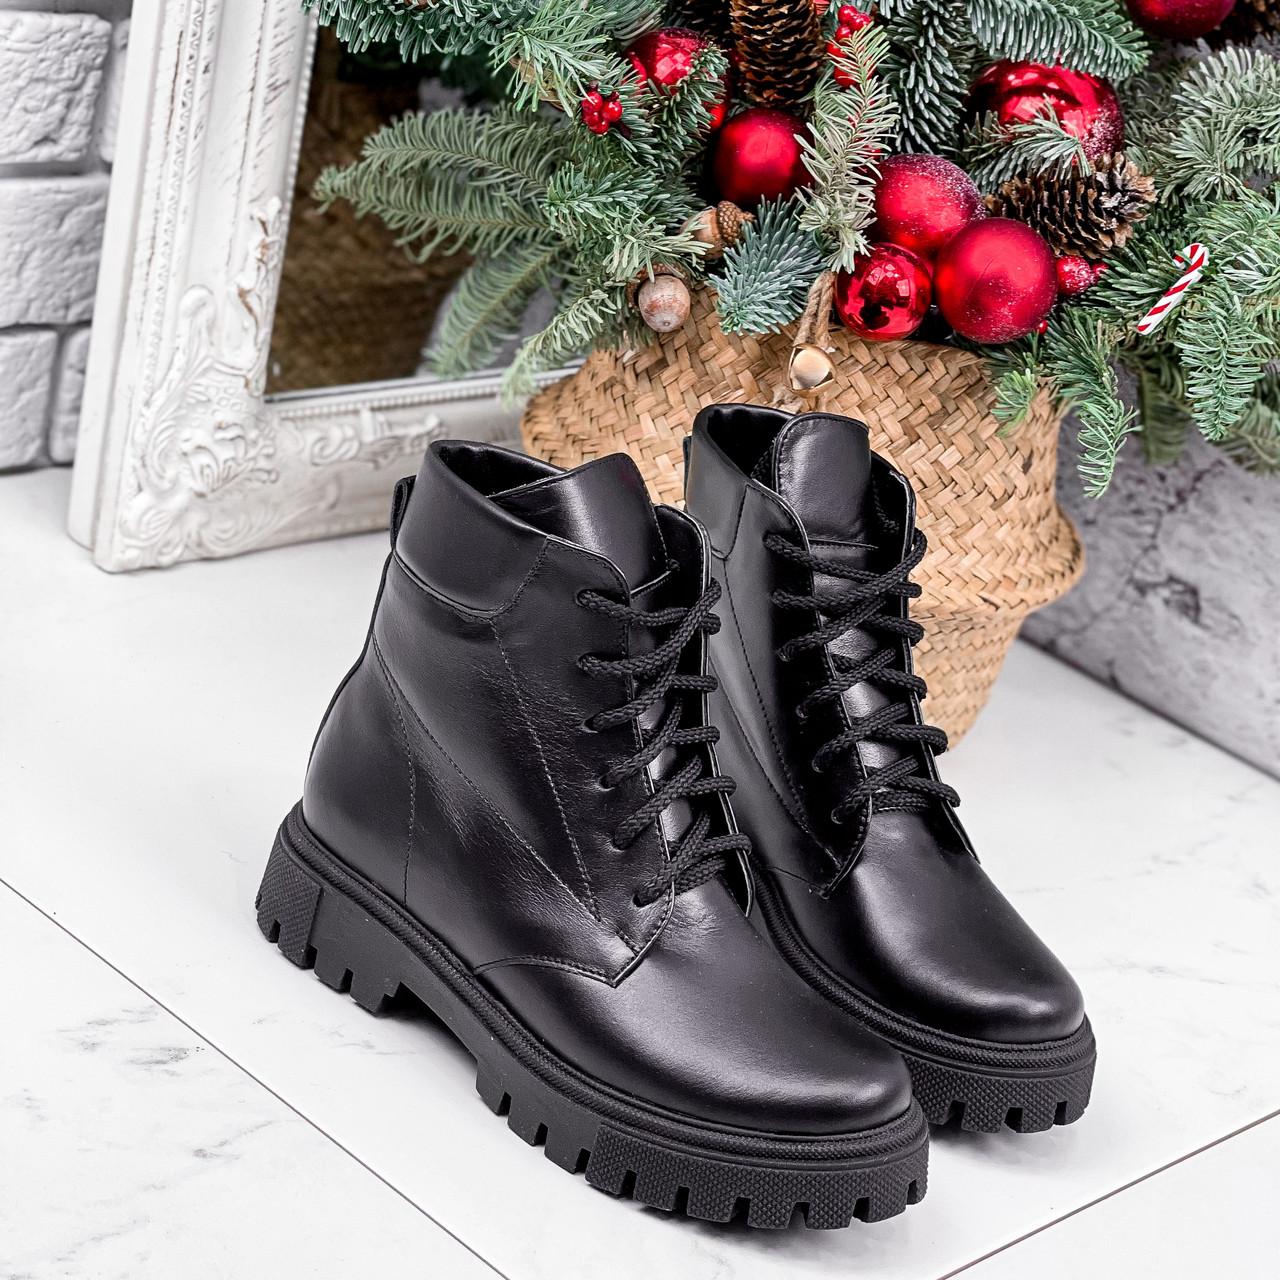 Ботинки женские Benita кожаные ЗИМА 2662